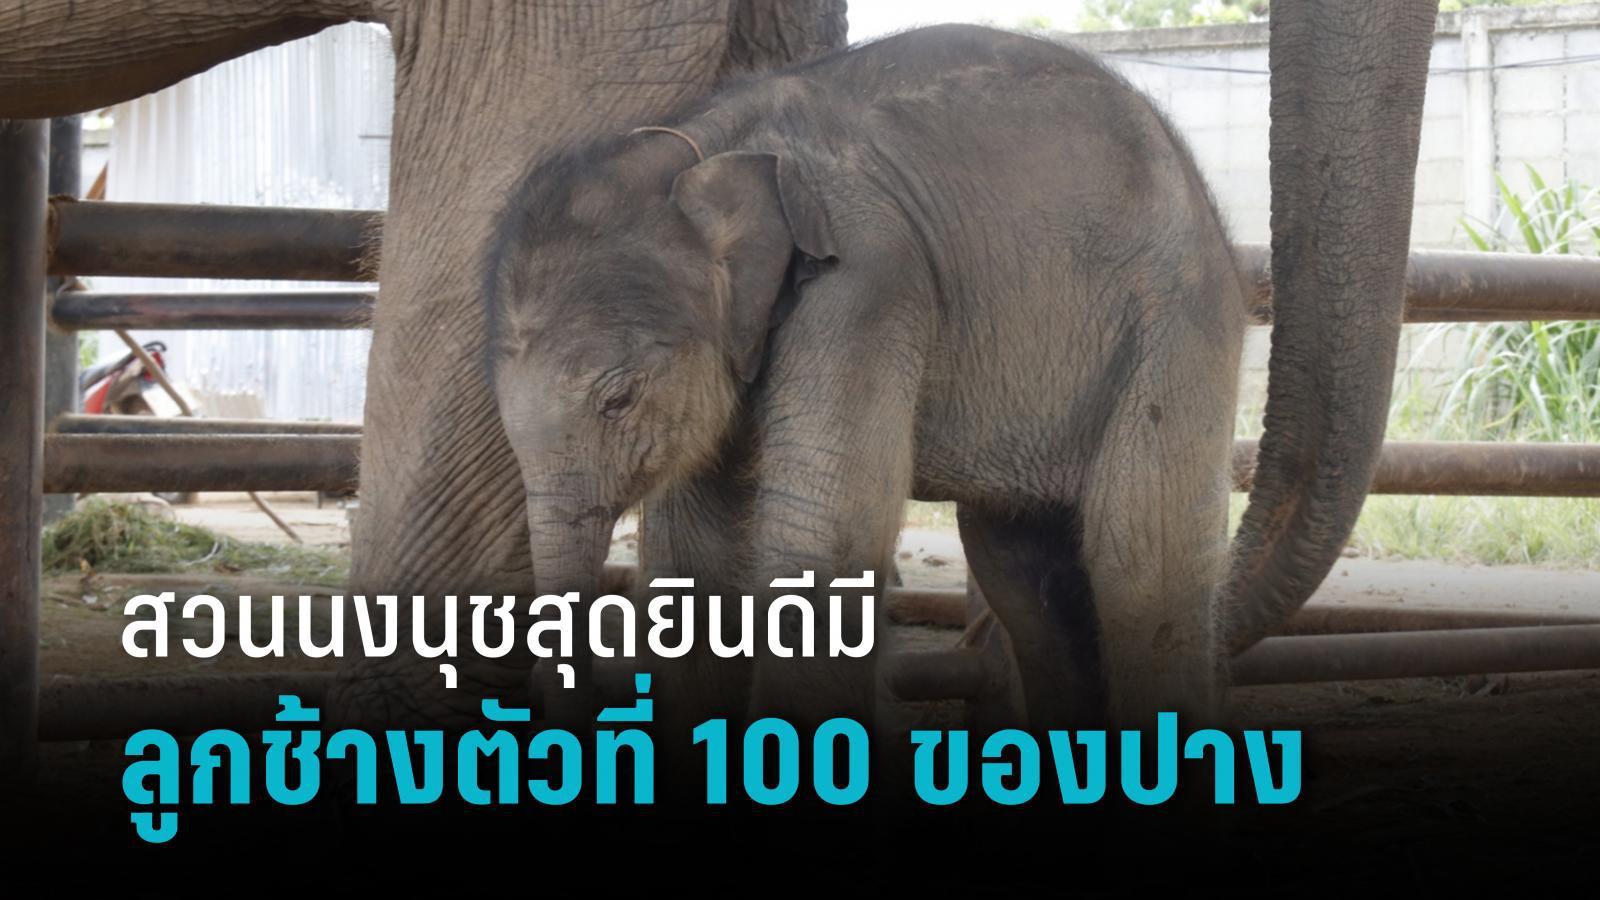 คลอดแล้ว!! 'พลายใบชา' ลูกช้างตัวที่ 100 ของปางช้าง สวนนงนุชพัทยา